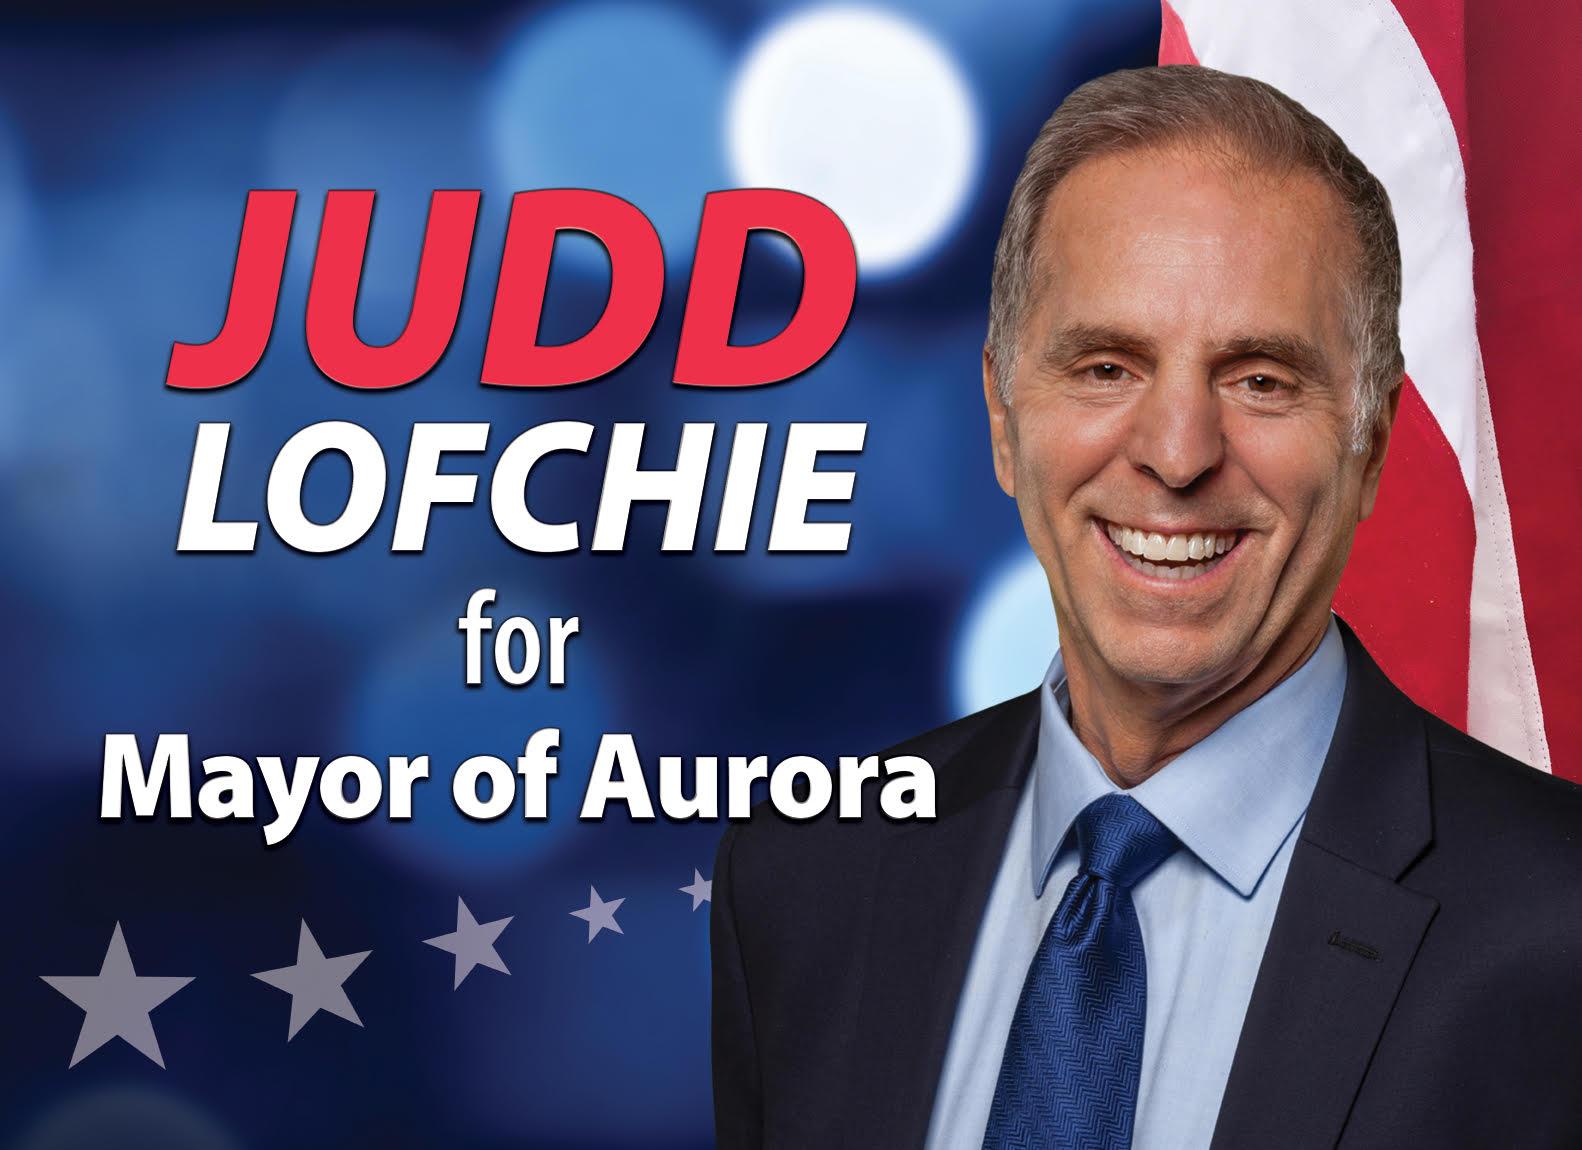 Judd Lofchie Fundraiser